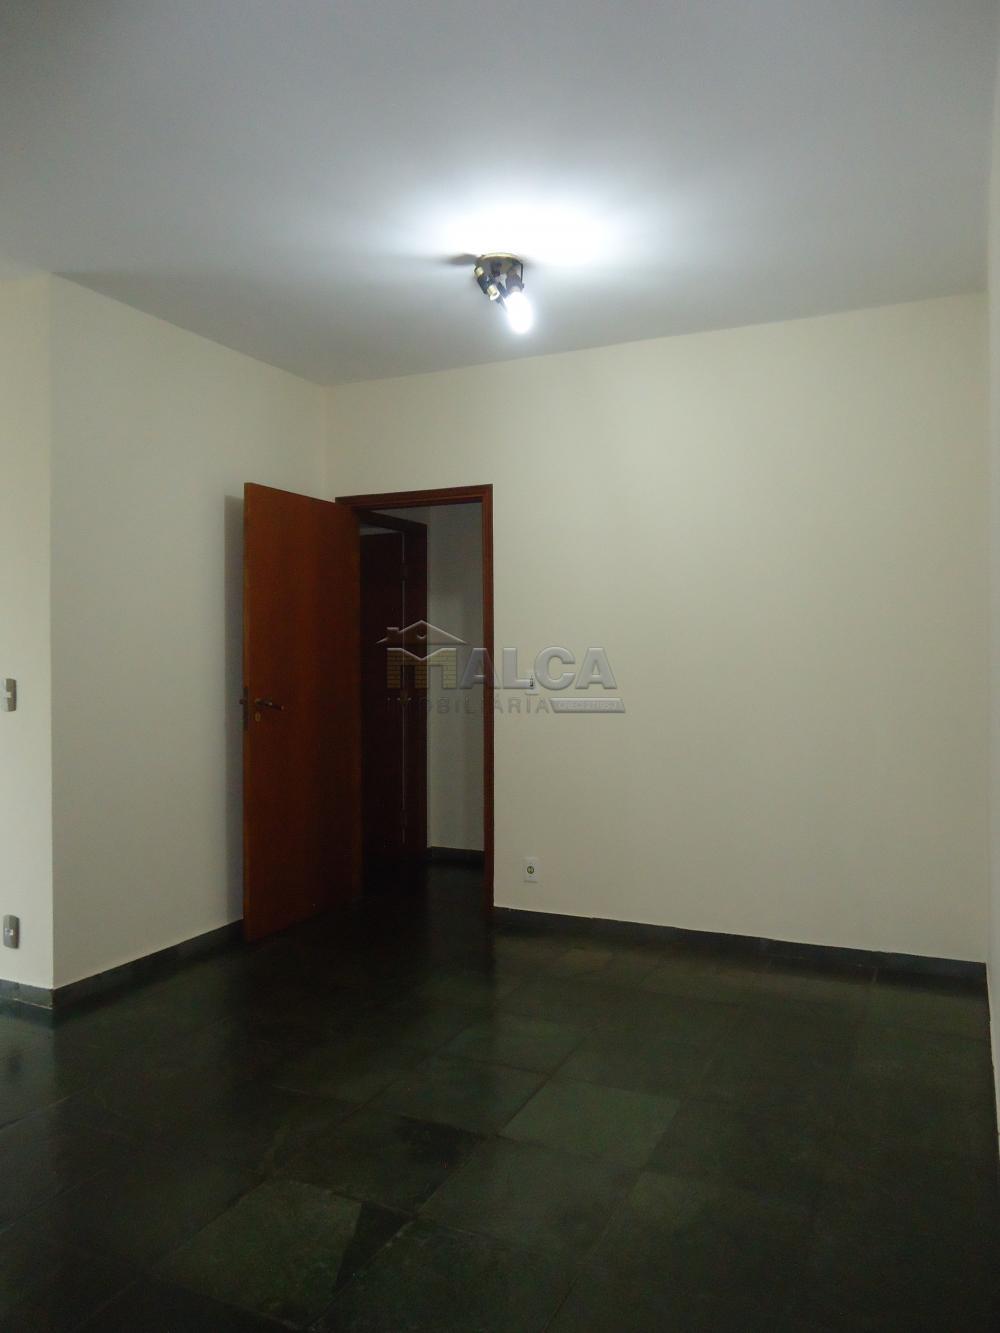 Alugar Apartamentos / Condomínio em São José do Rio Pardo apenas R$ 650,00 - Foto 10